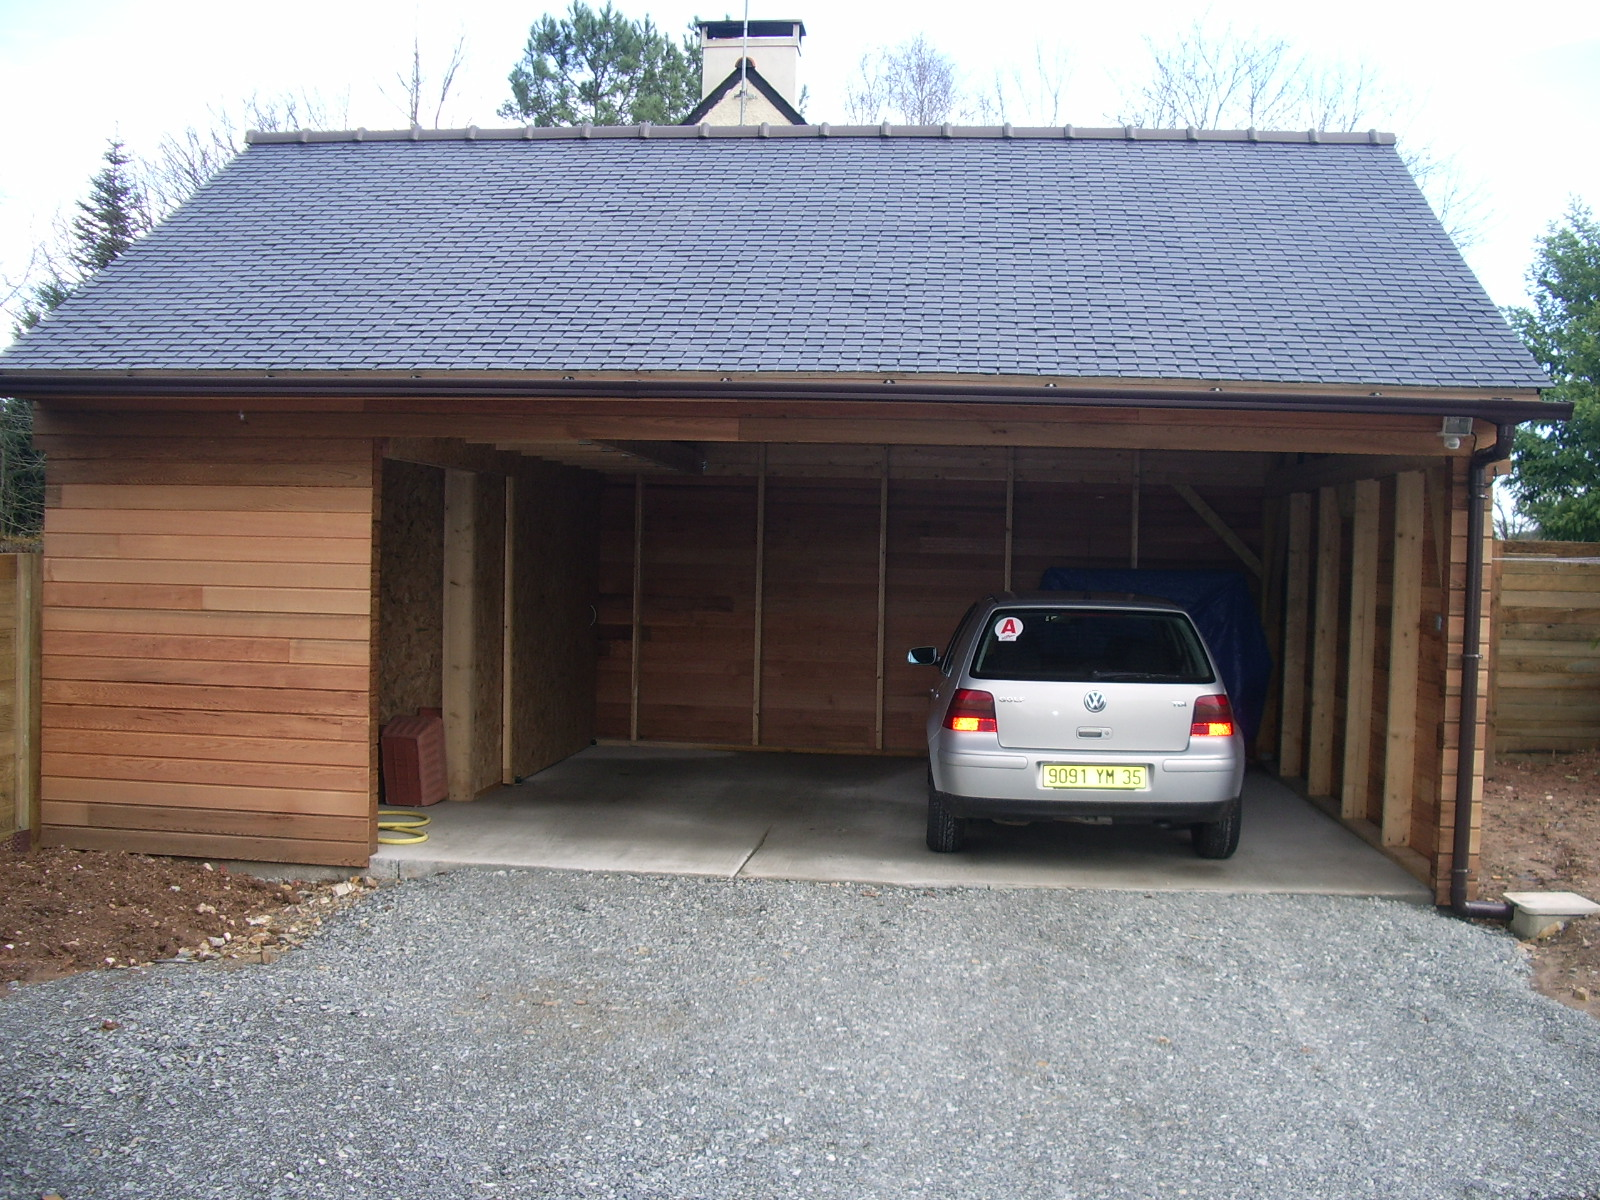 Carport pr aux constructions bois rapha l danet for Carport garage bois